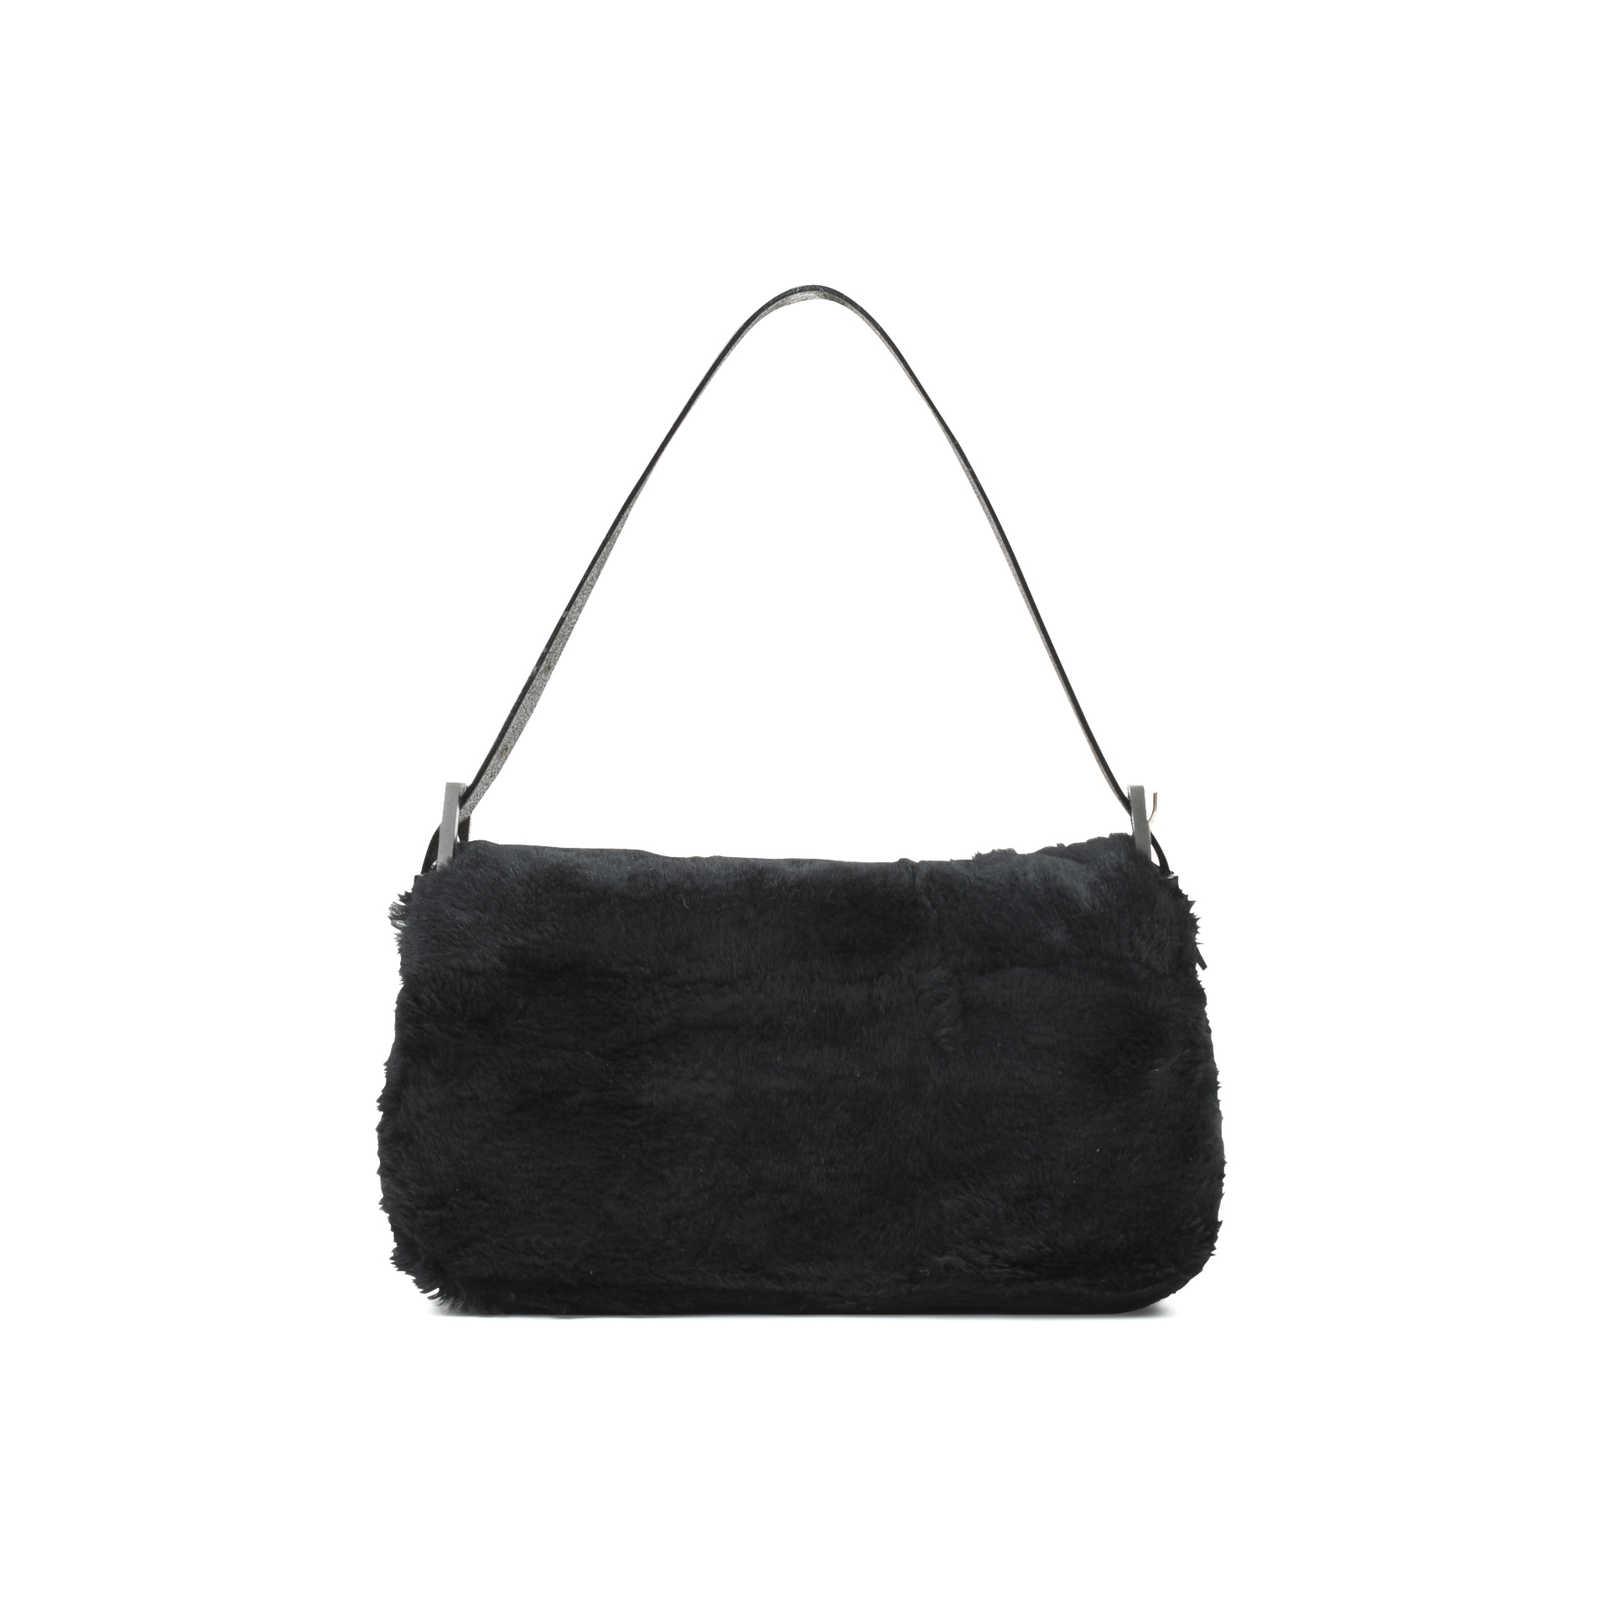 00ca5d0b3d20 ... Authentic Second Hand Fendi Fur Baguette Bag (PSS-483-00008) -  Thumbnail ...